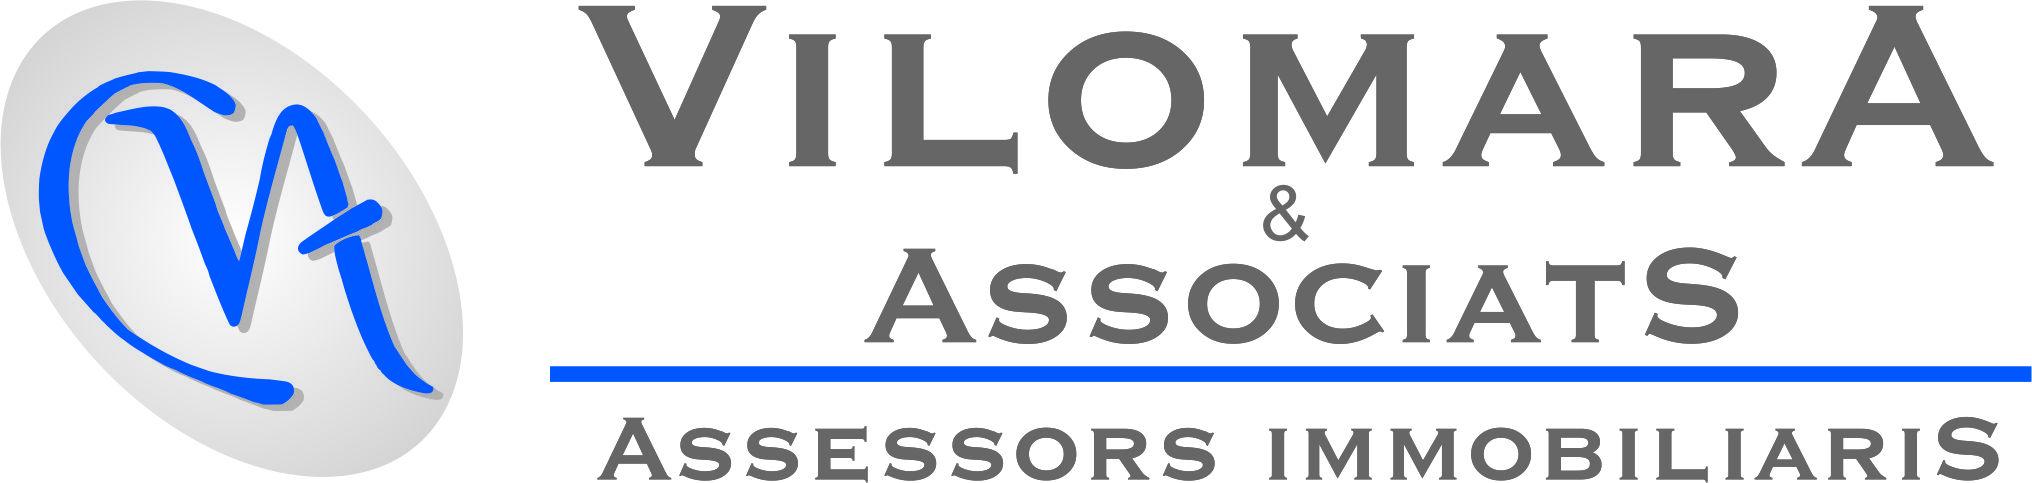 Logo comerç C. E. VILOMARA&ASSOCIATS